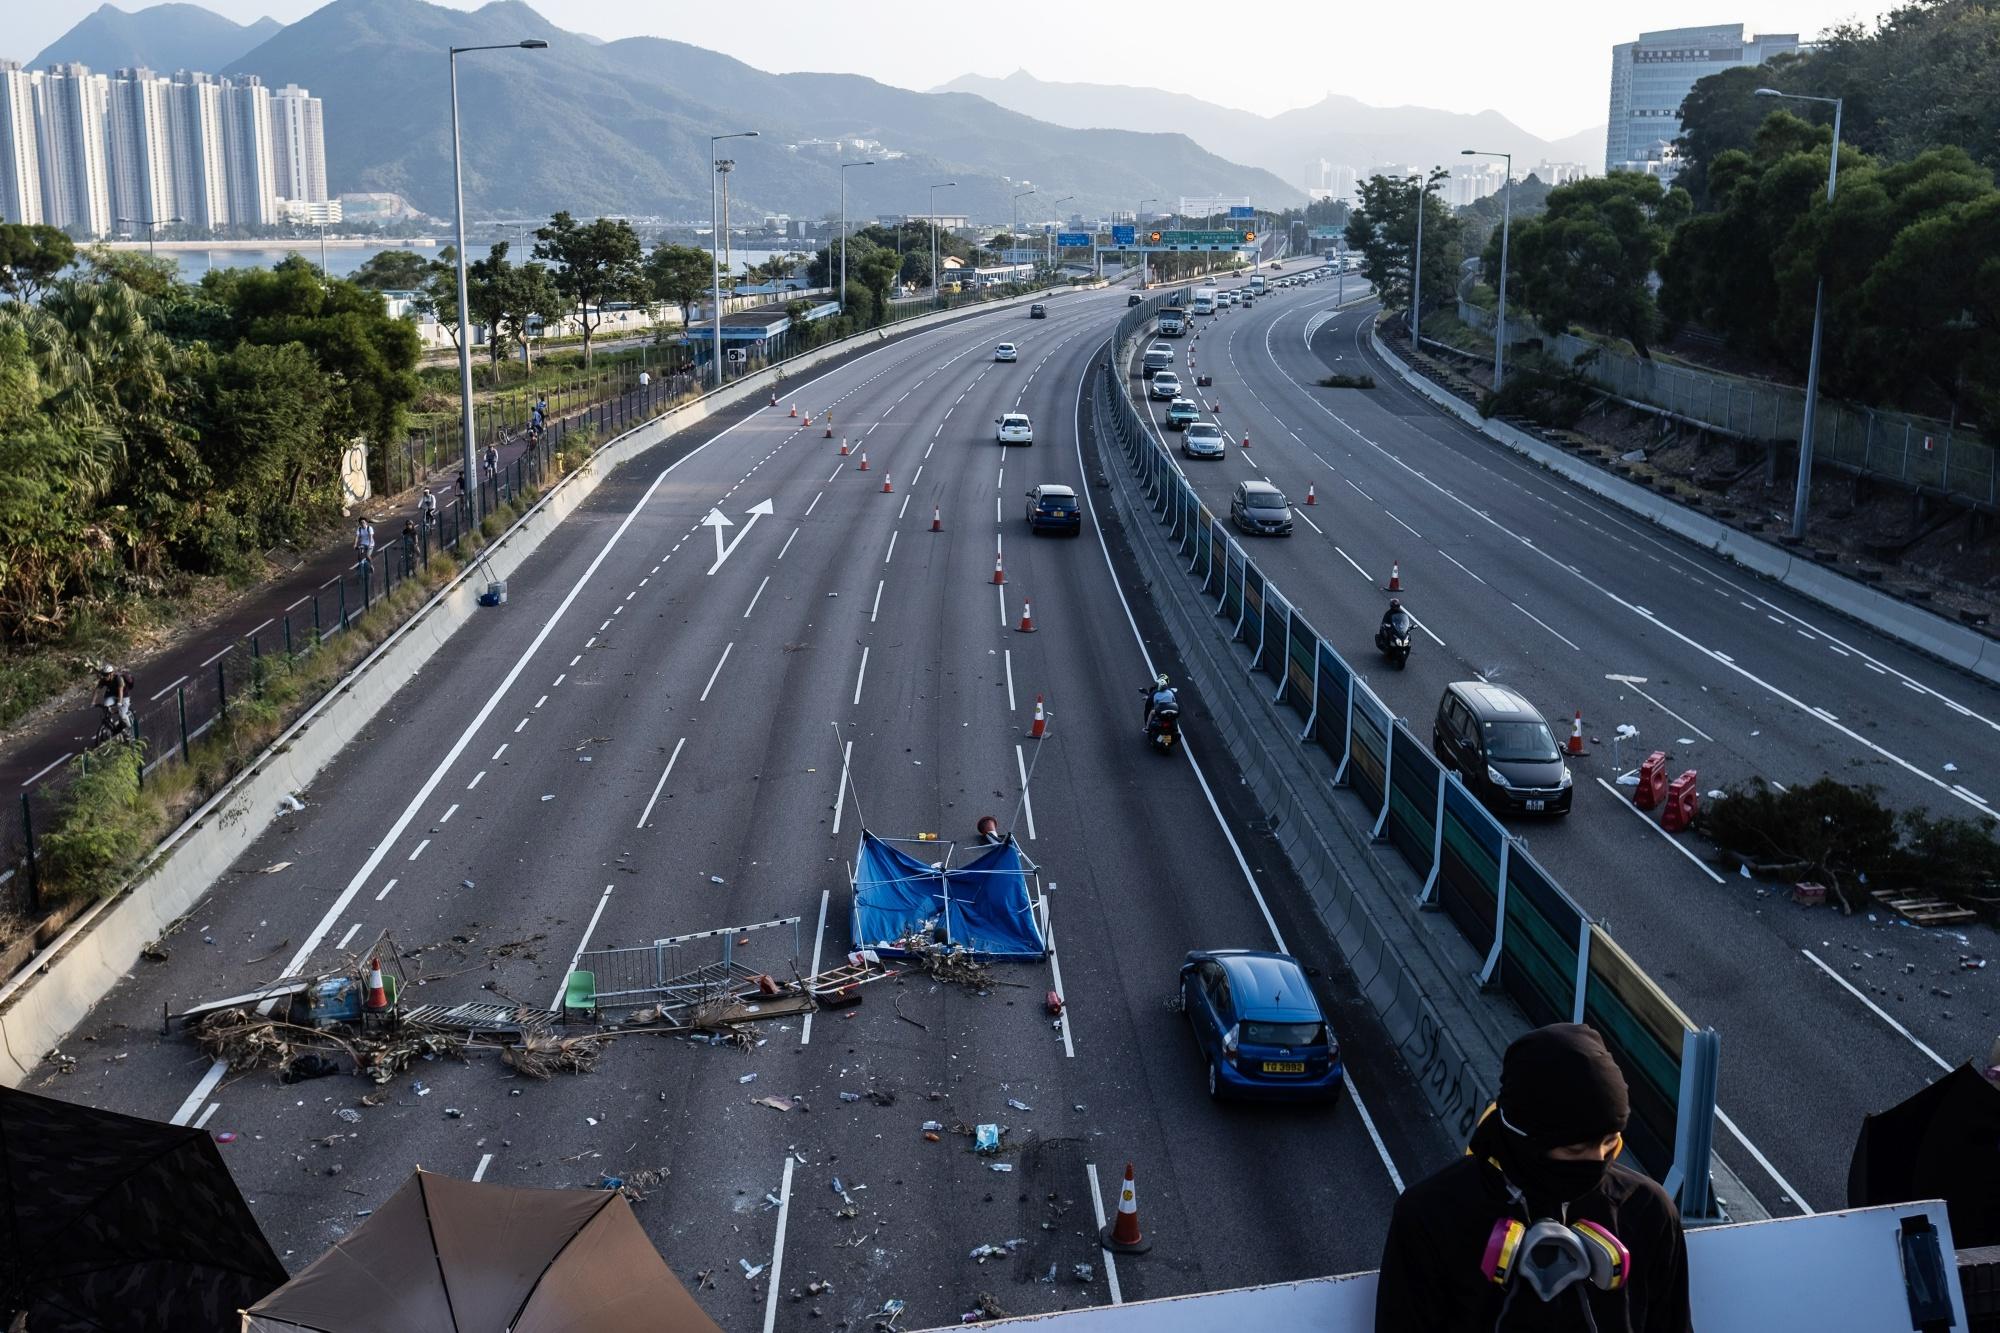 香港中文大学での衝突は終息-デモ隊がキャンパスから撤収 - Bloomberg